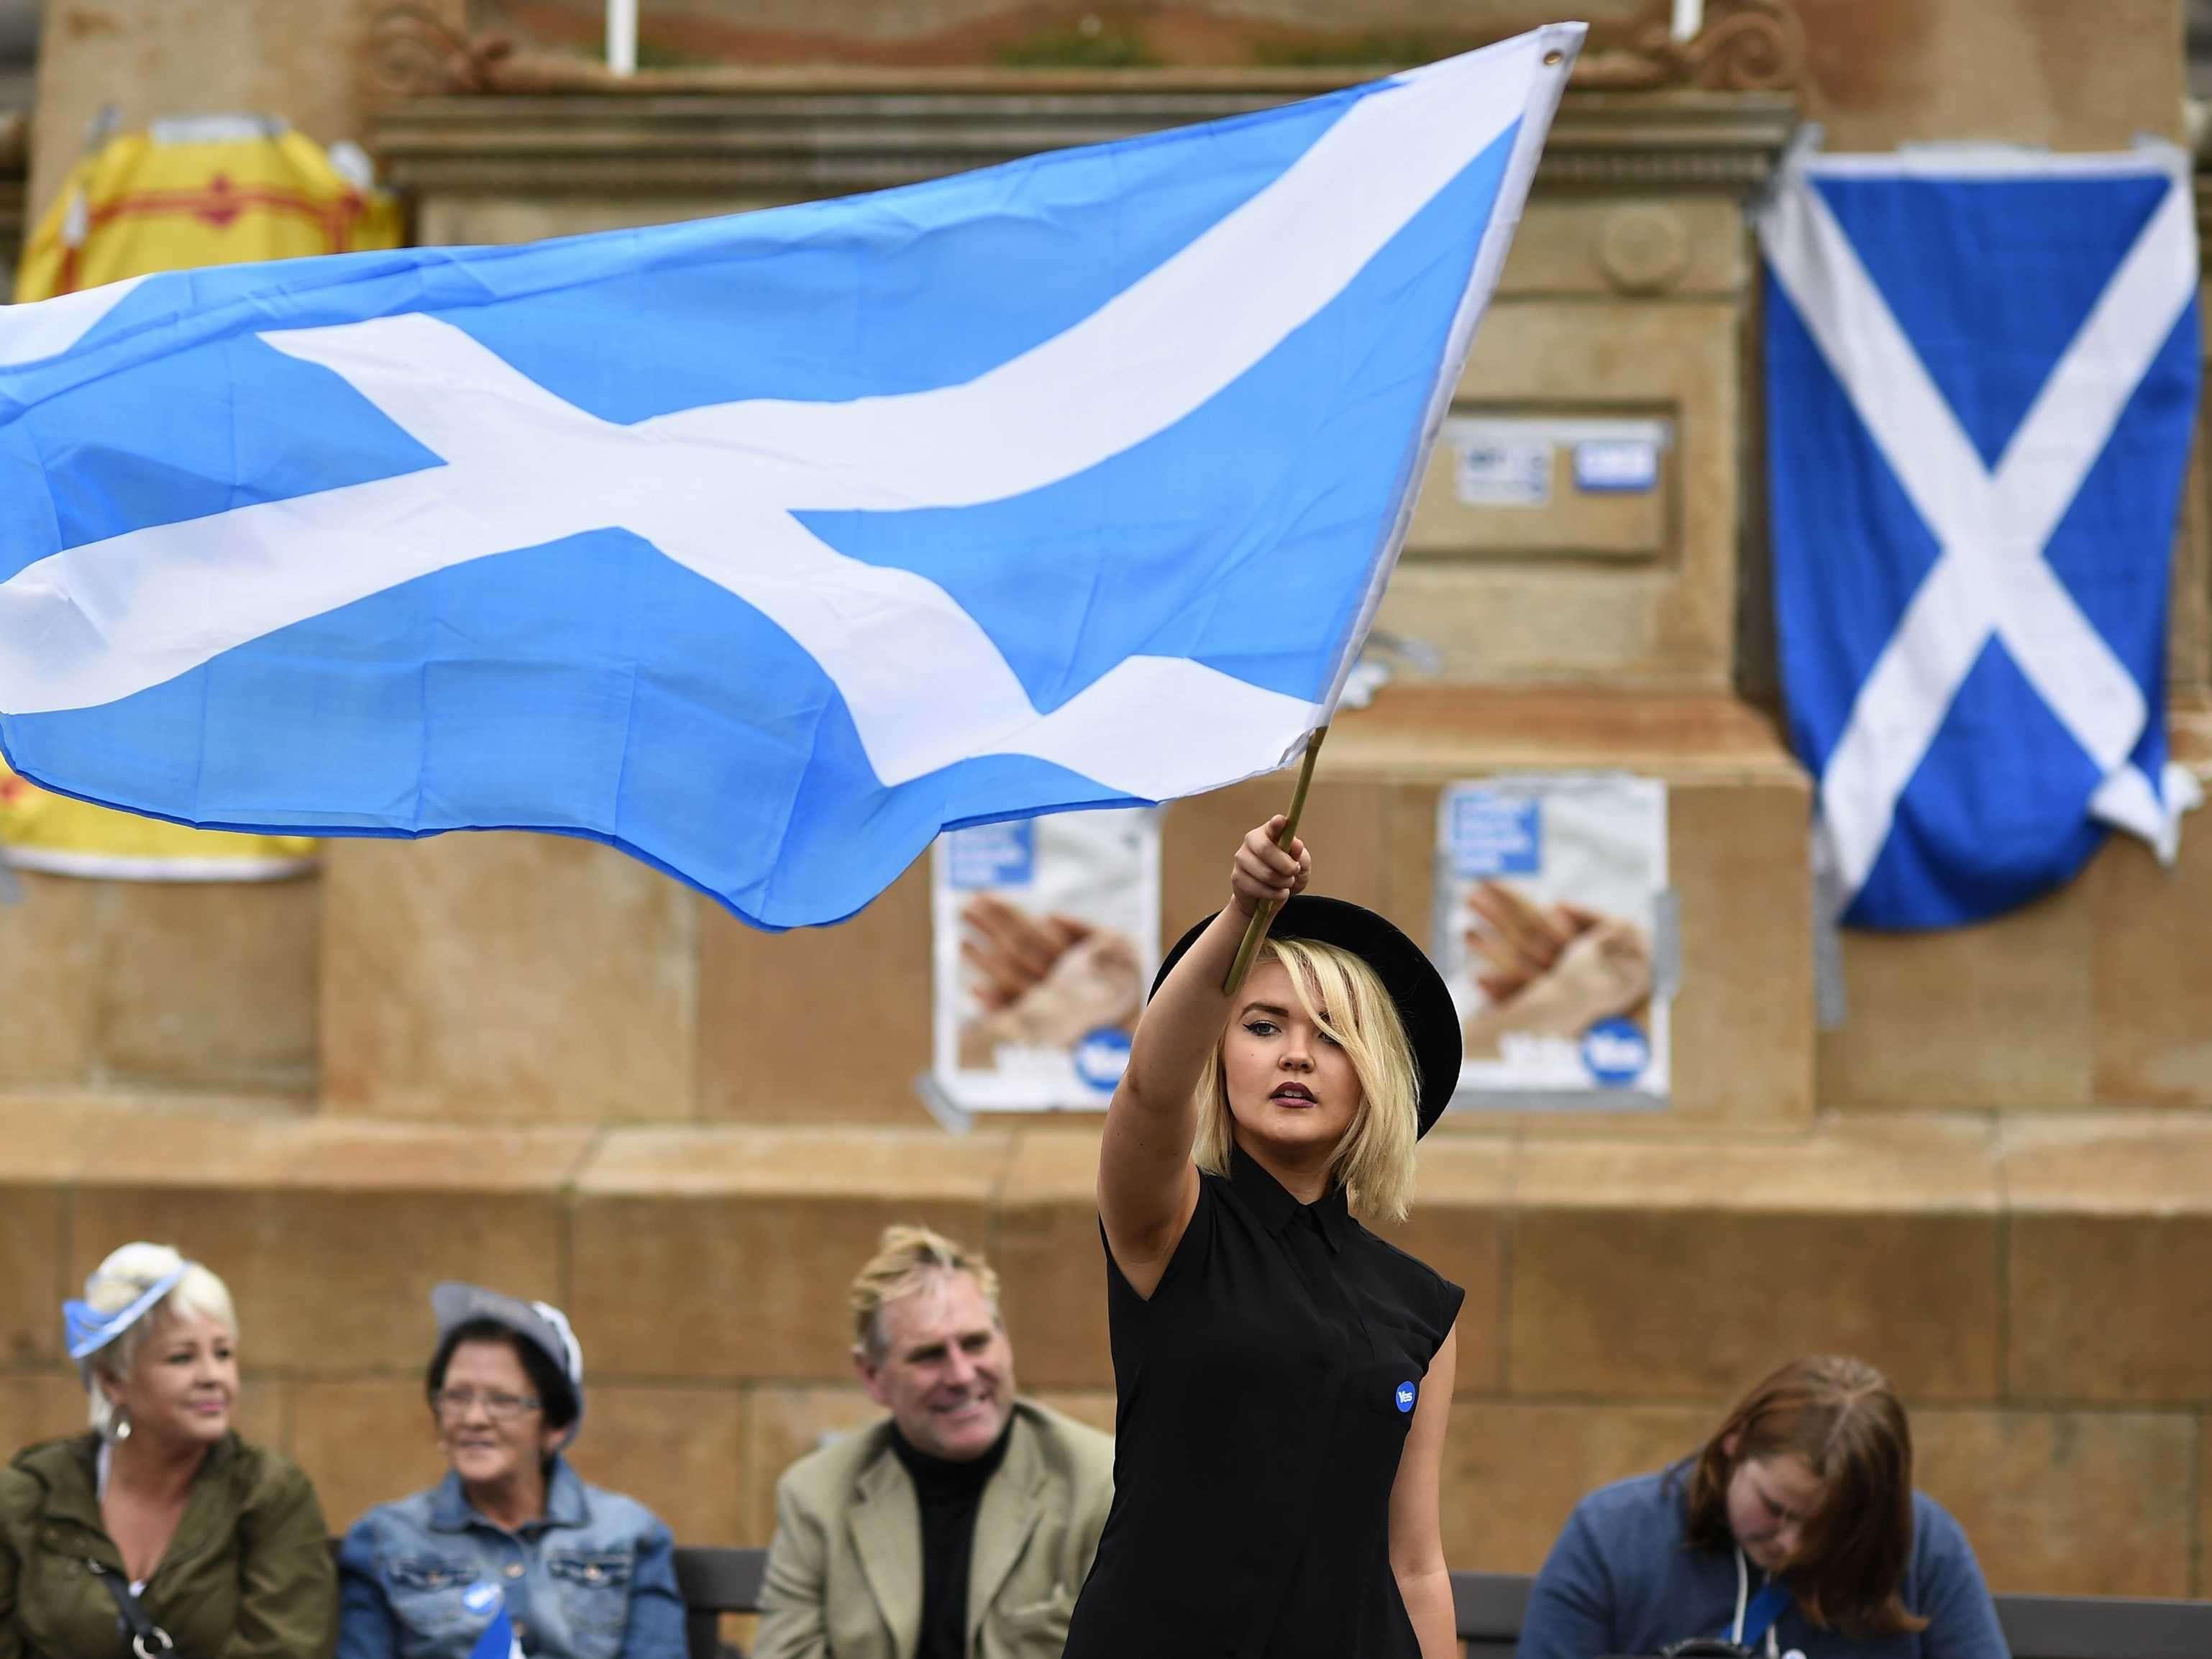 Шотландия в великобритании имеет статус административной автономии